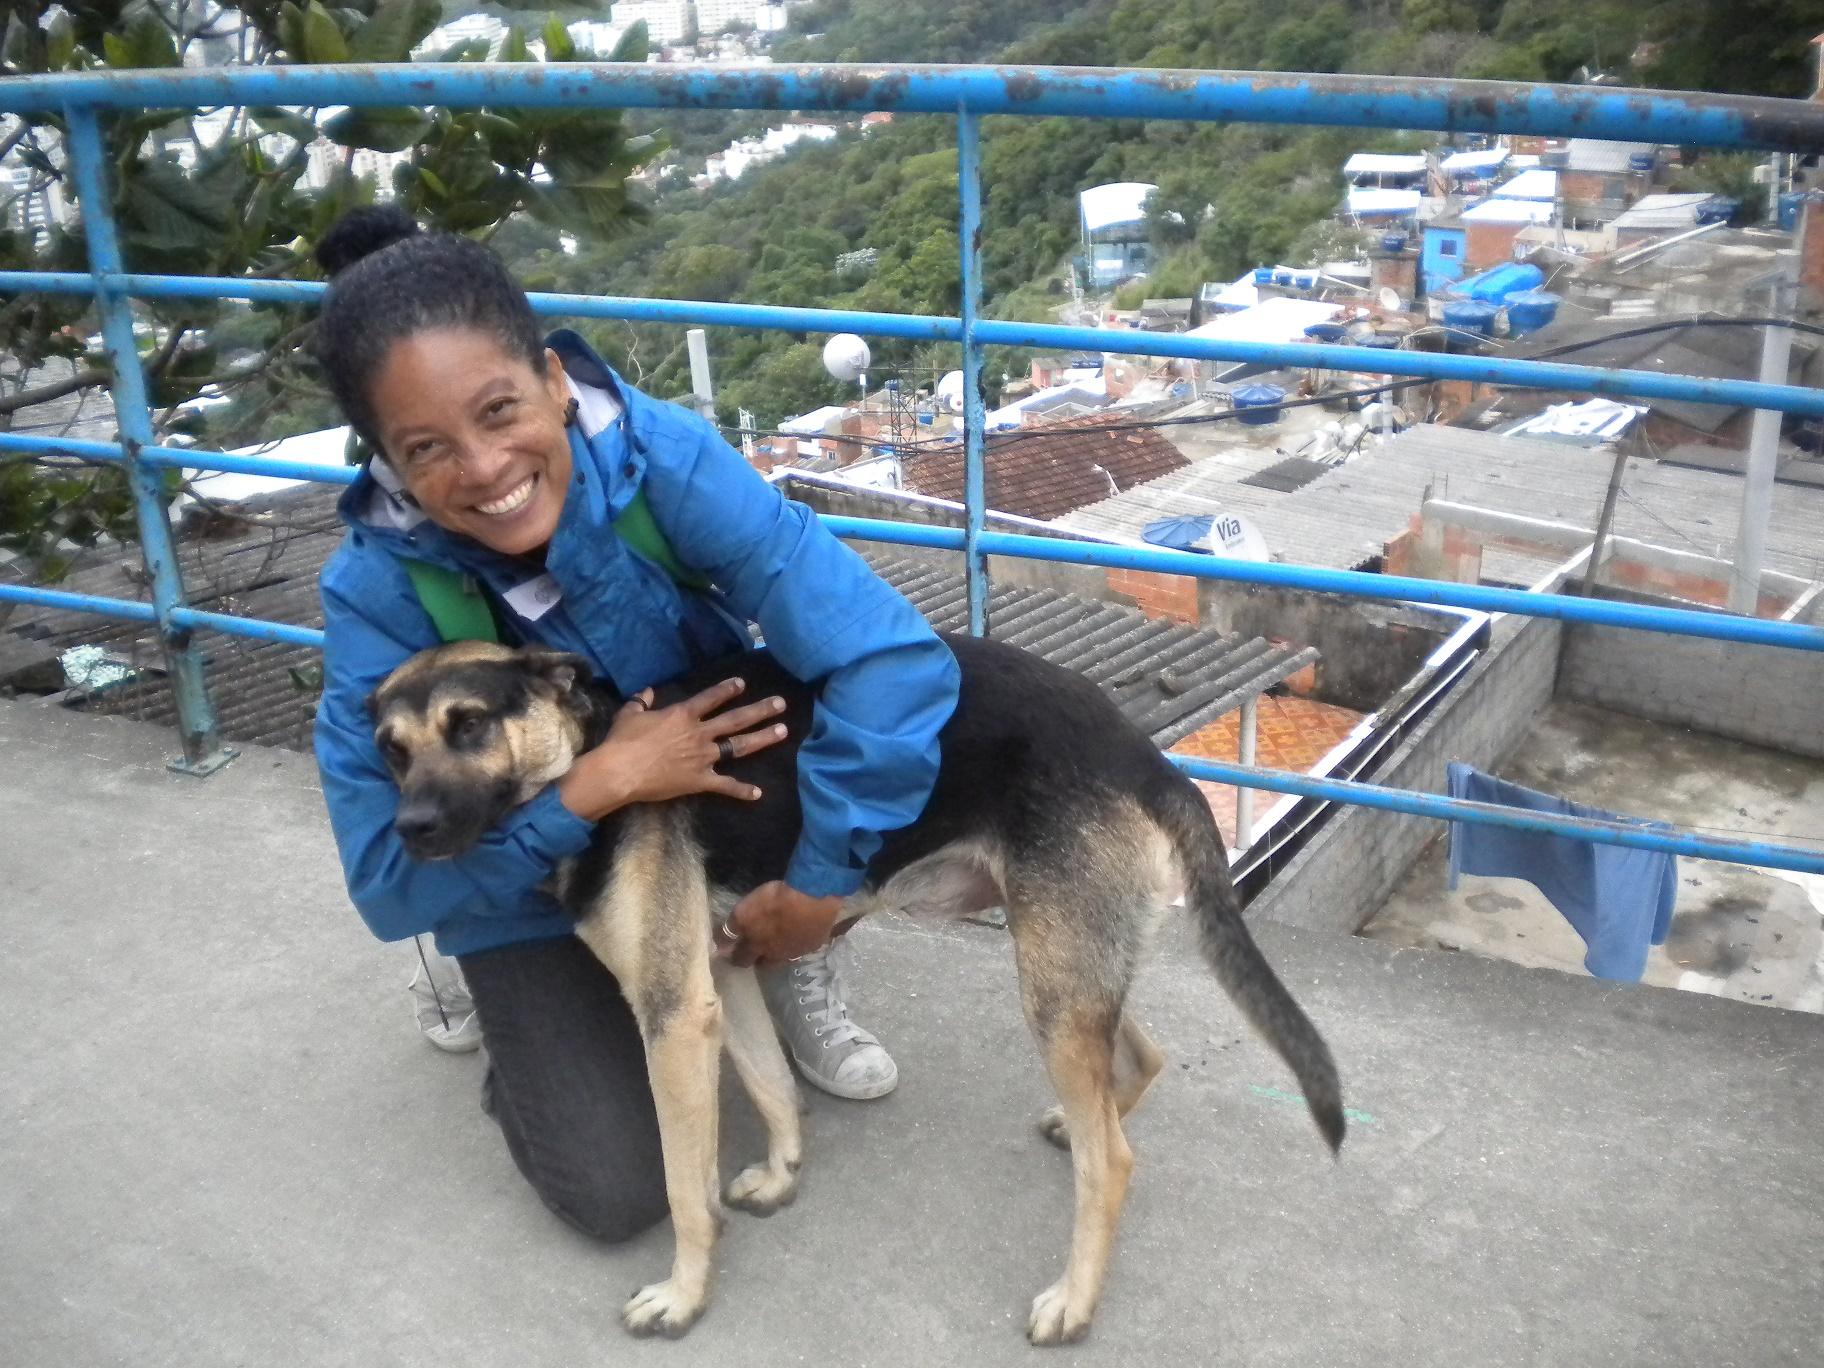 Nascida e criada no Santa Marta, Sheila Souza é ativista social, graduada em turismo e fala três línguas. Foto de Elizabeth Oliveira